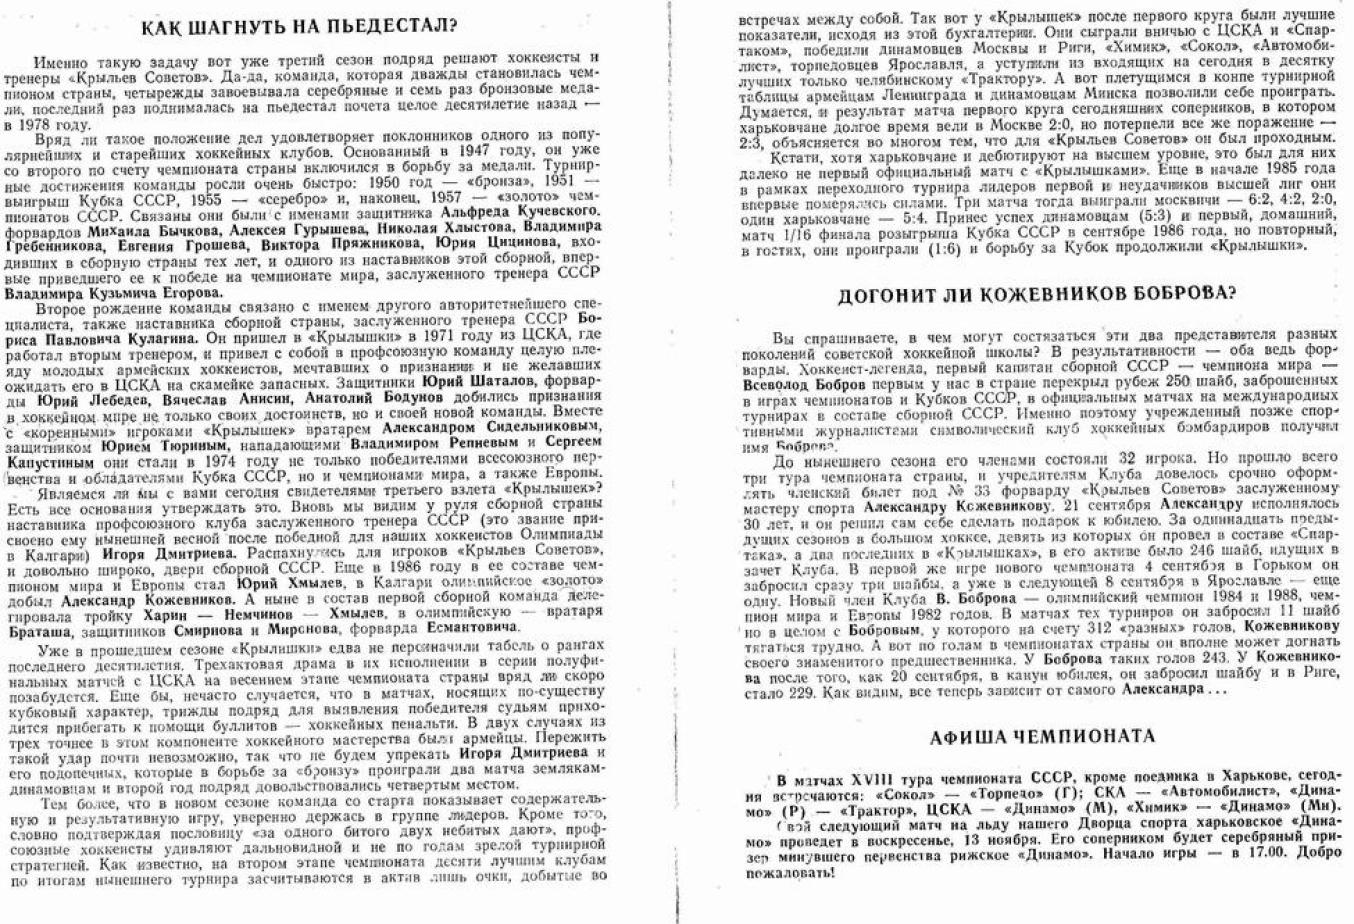 1988.10.22. Динамо, Харьков - Крылья Советов (Чм. СССР)_02.png